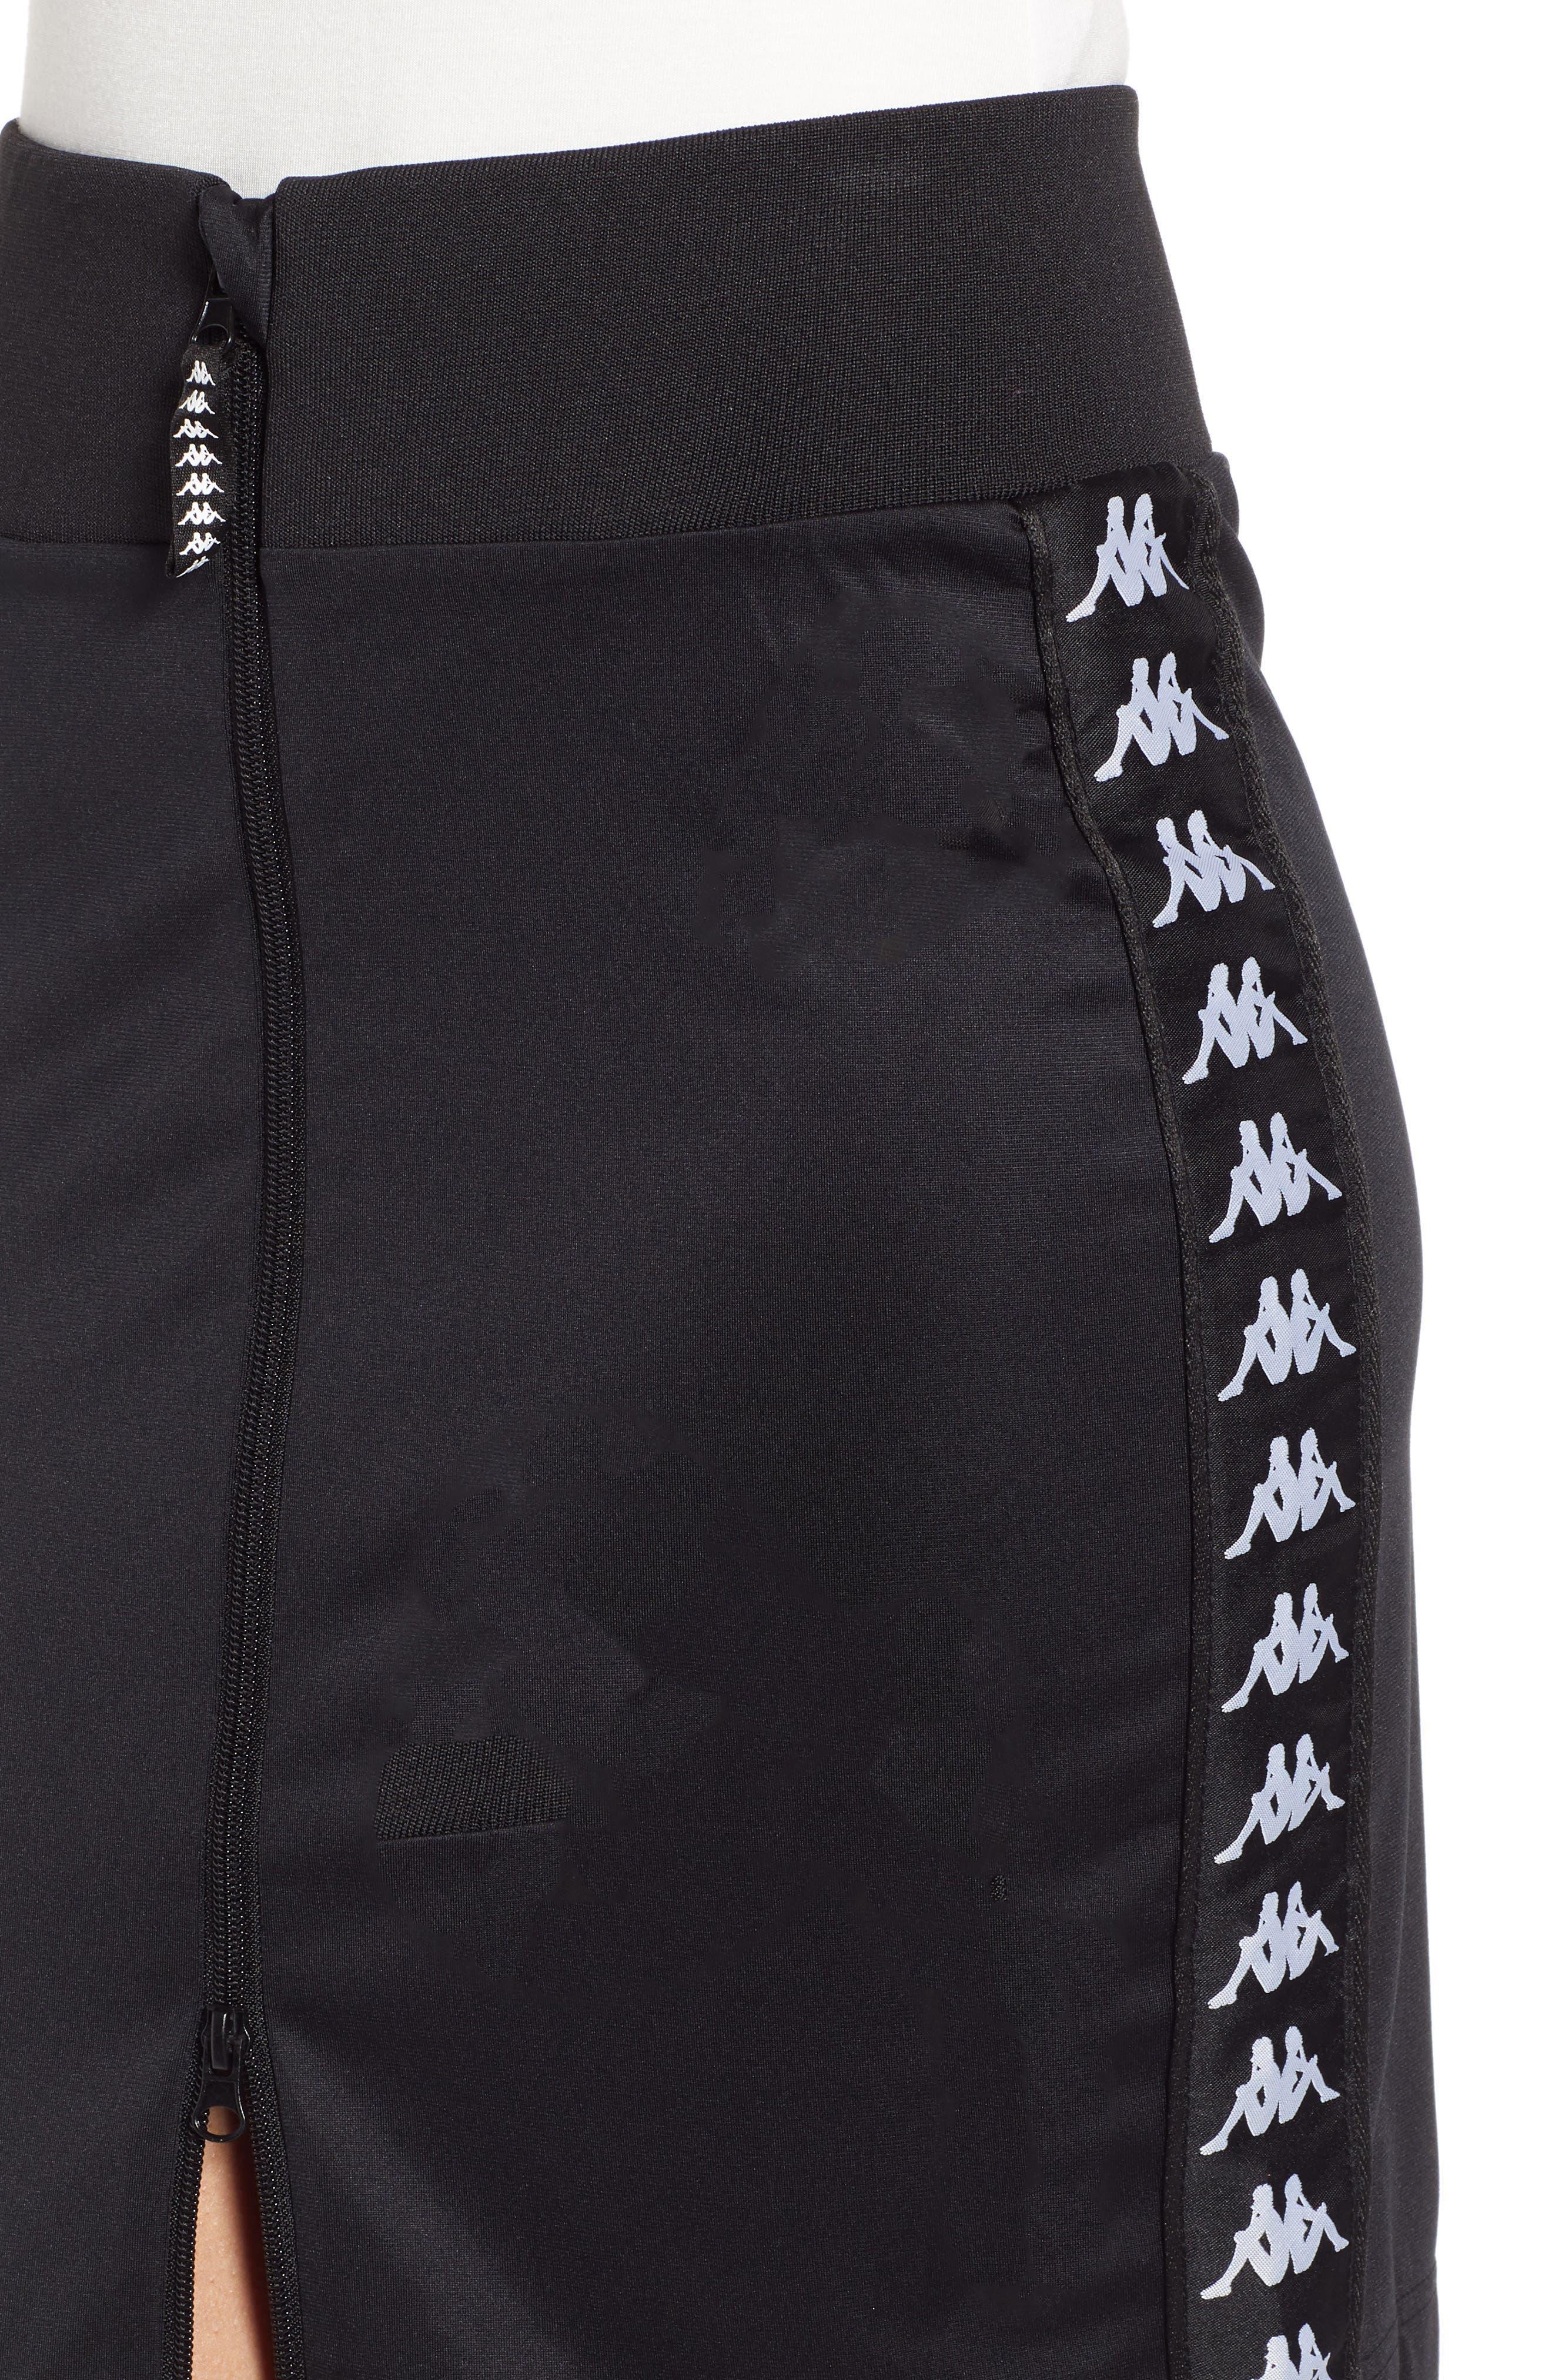 Slim Classic Skirt,                             Alternate thumbnail 4, color,                             001